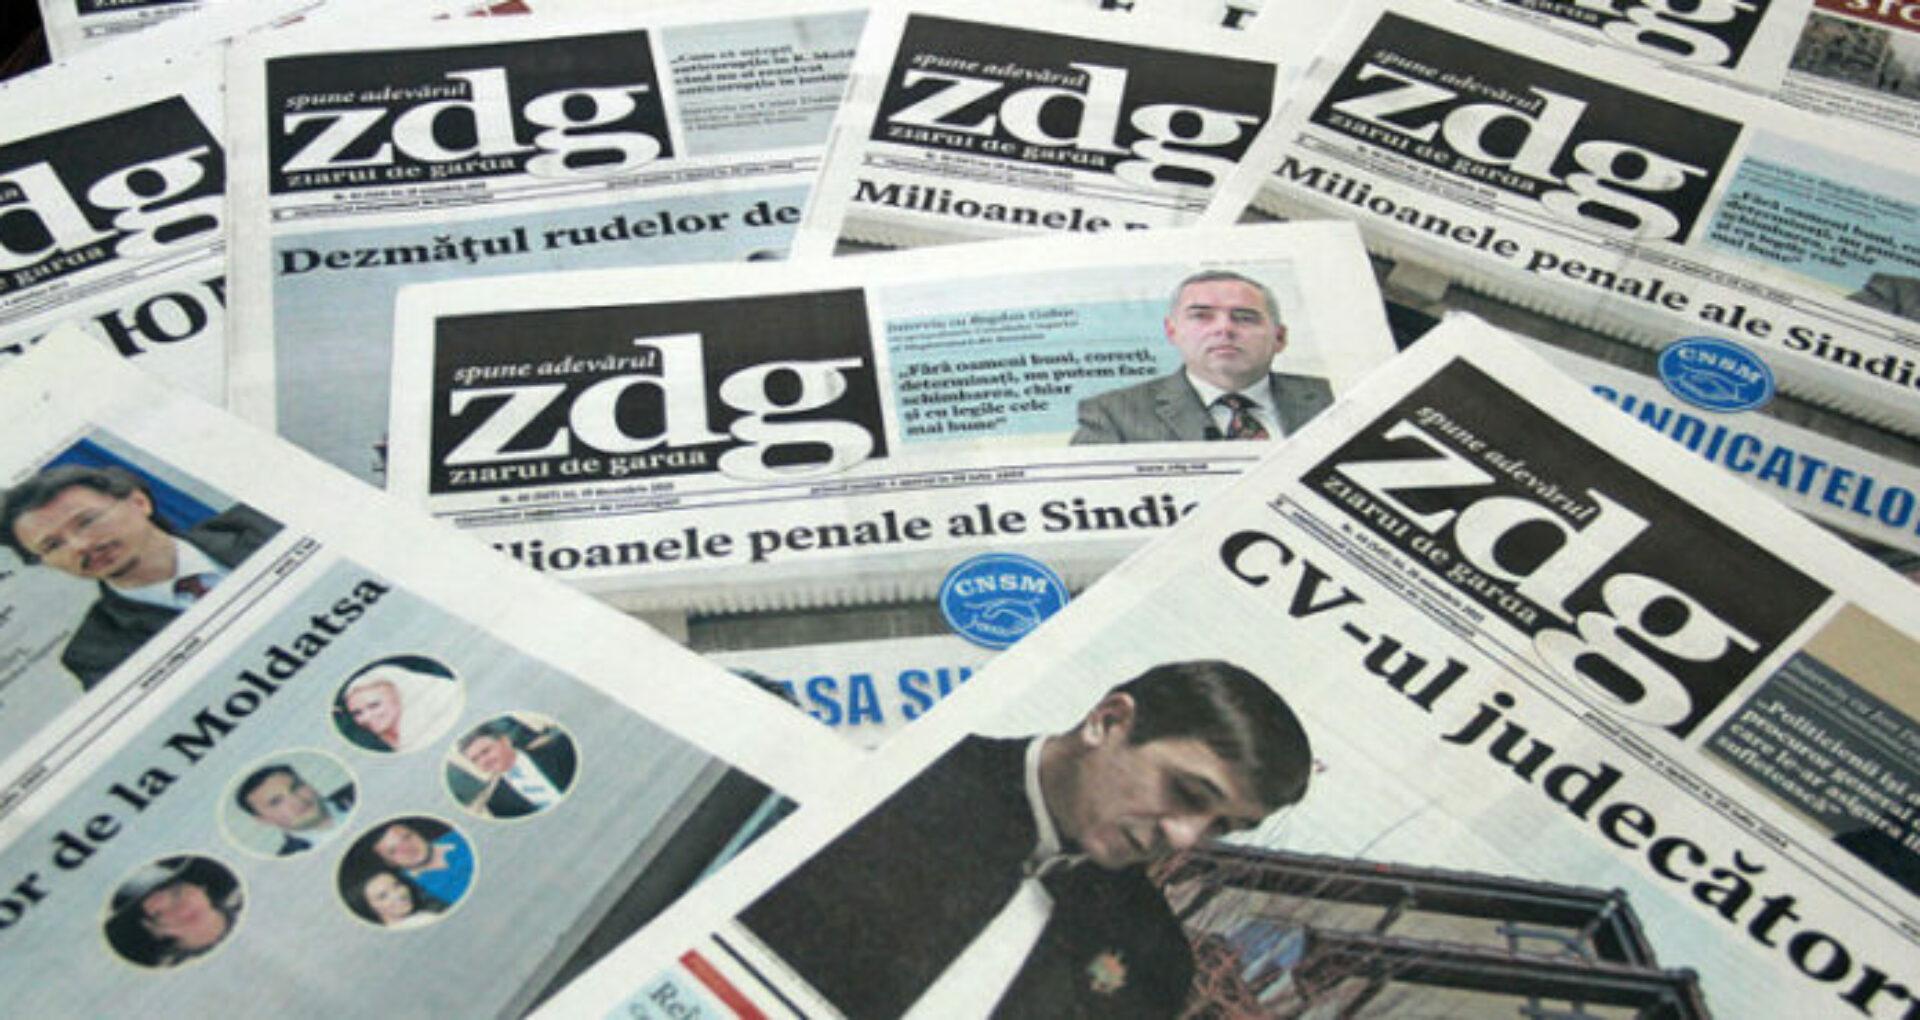 Declarație ZdG privind preluarea materialelor de autor